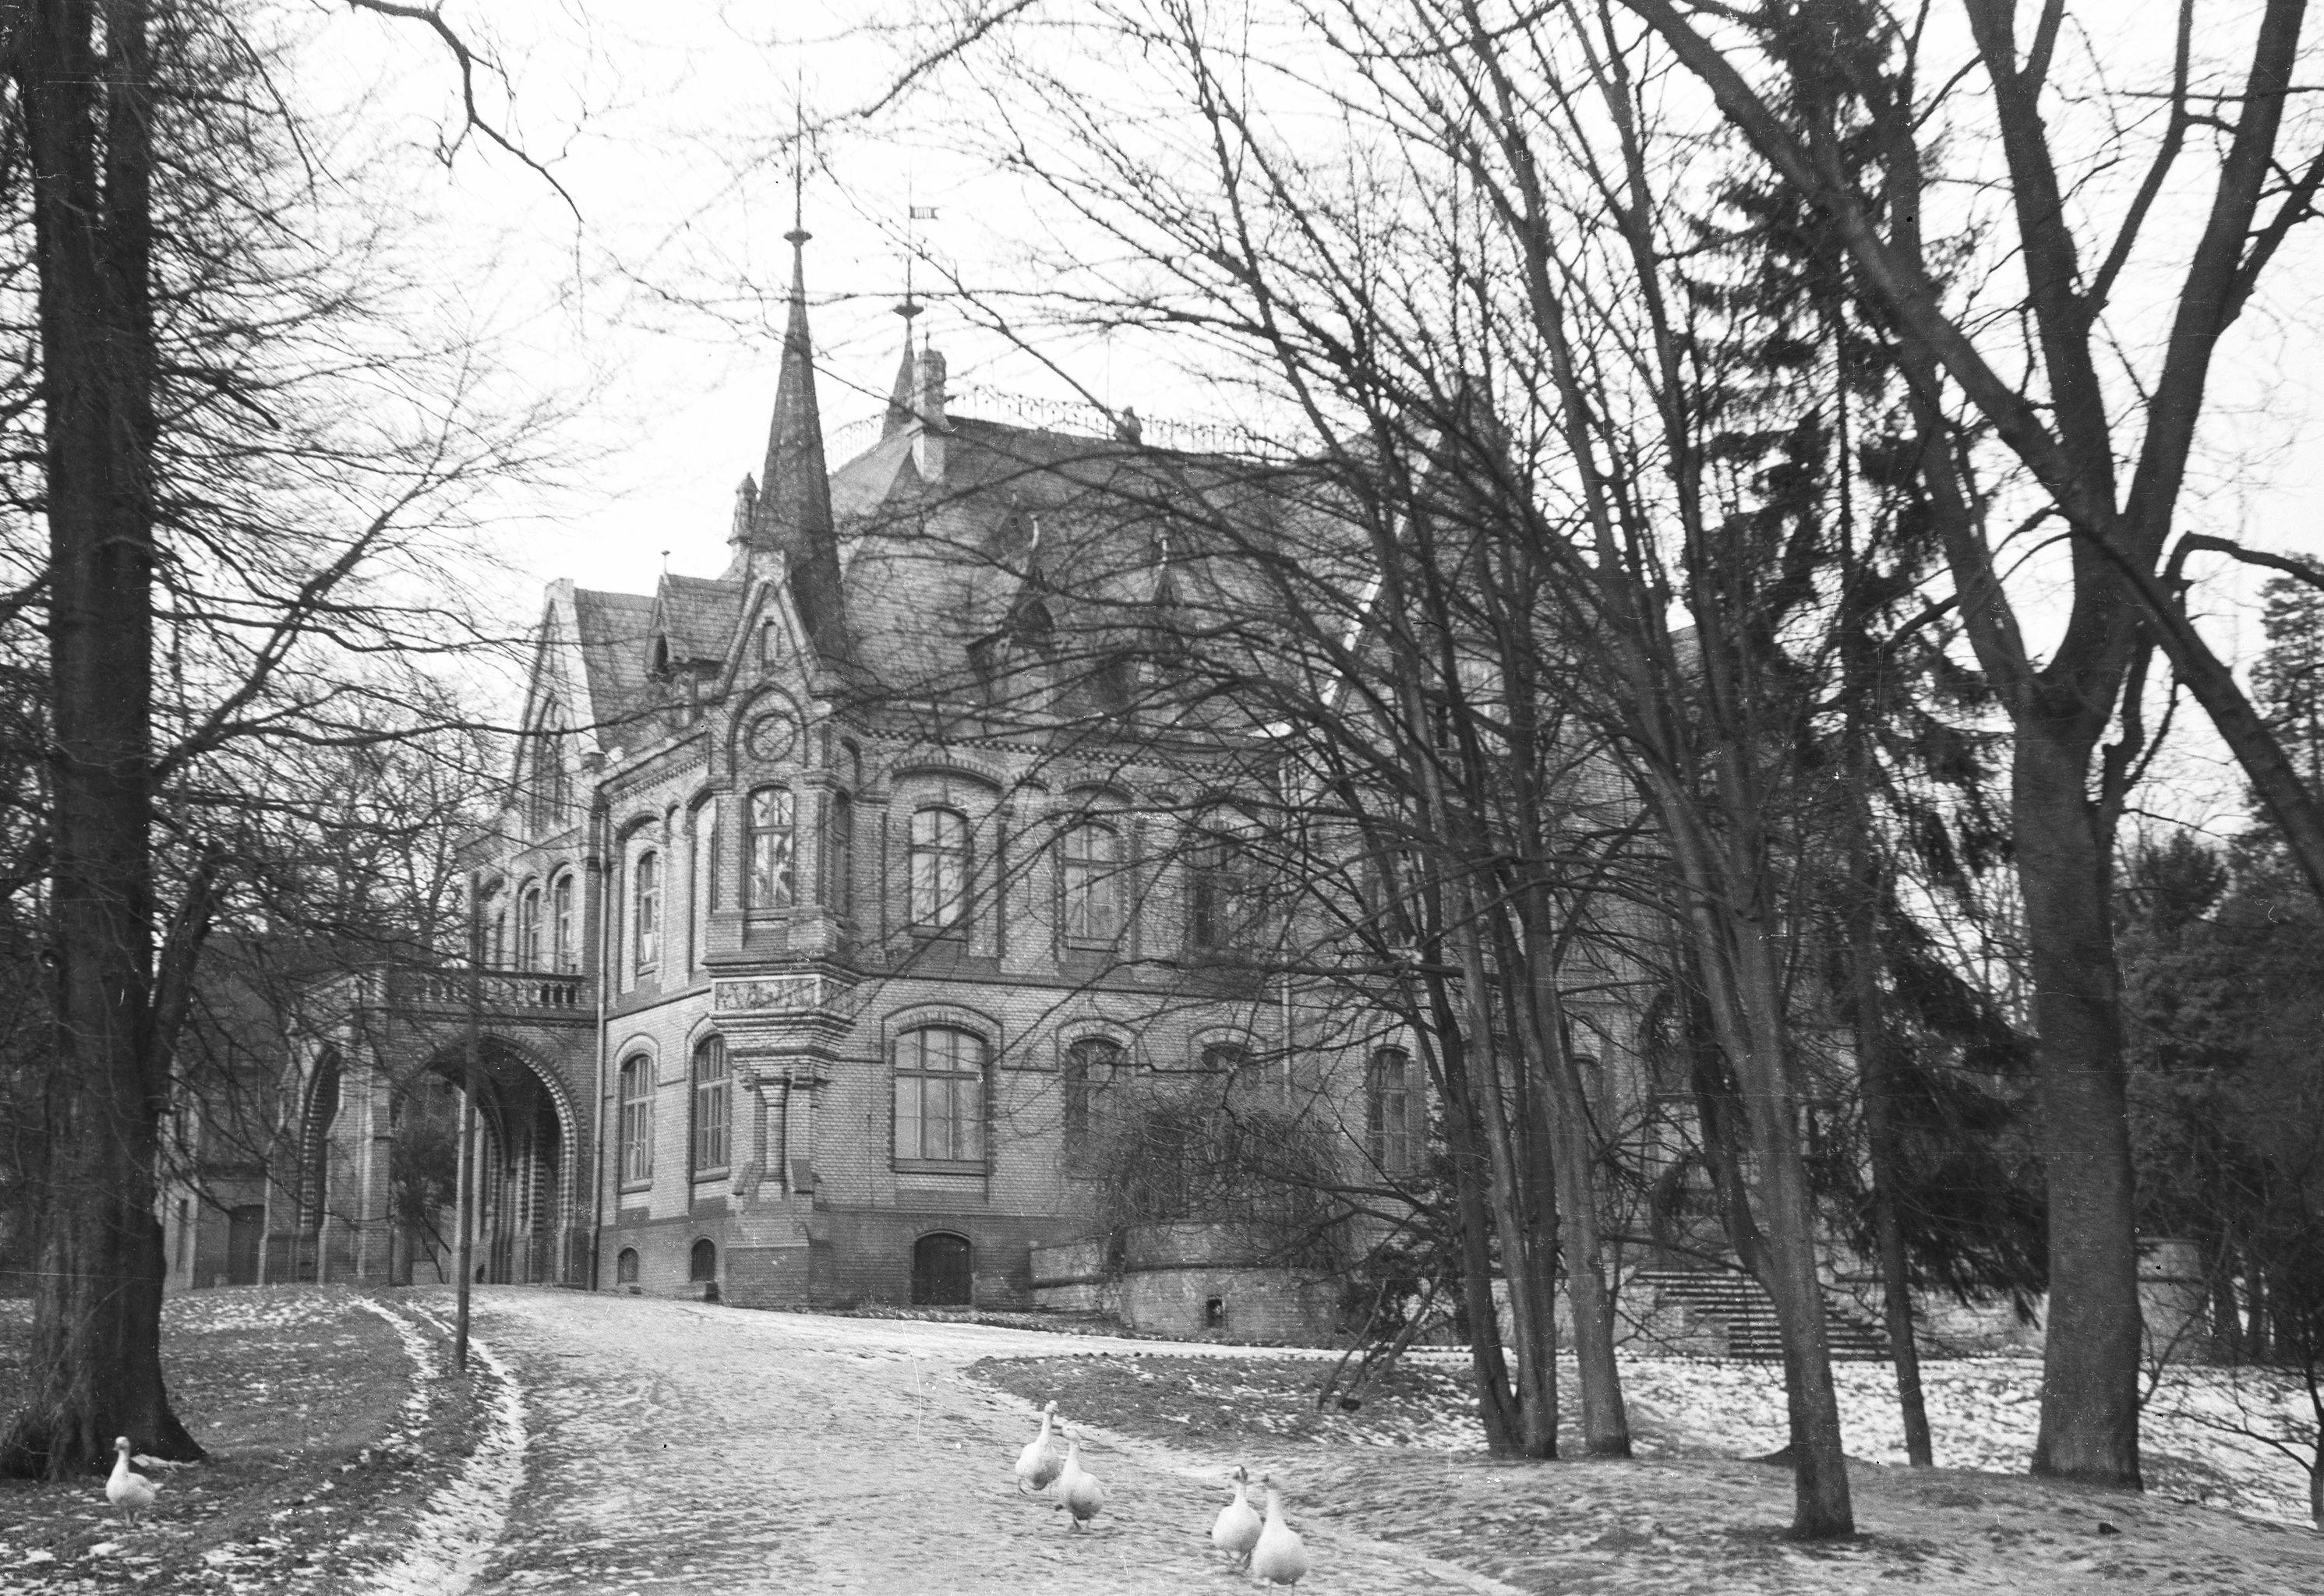 Uniwersytet ludowy dla dziewcząt w pobliżu koszar wojskowych, Koźle, województwo opolskie, lata 60. XX w.